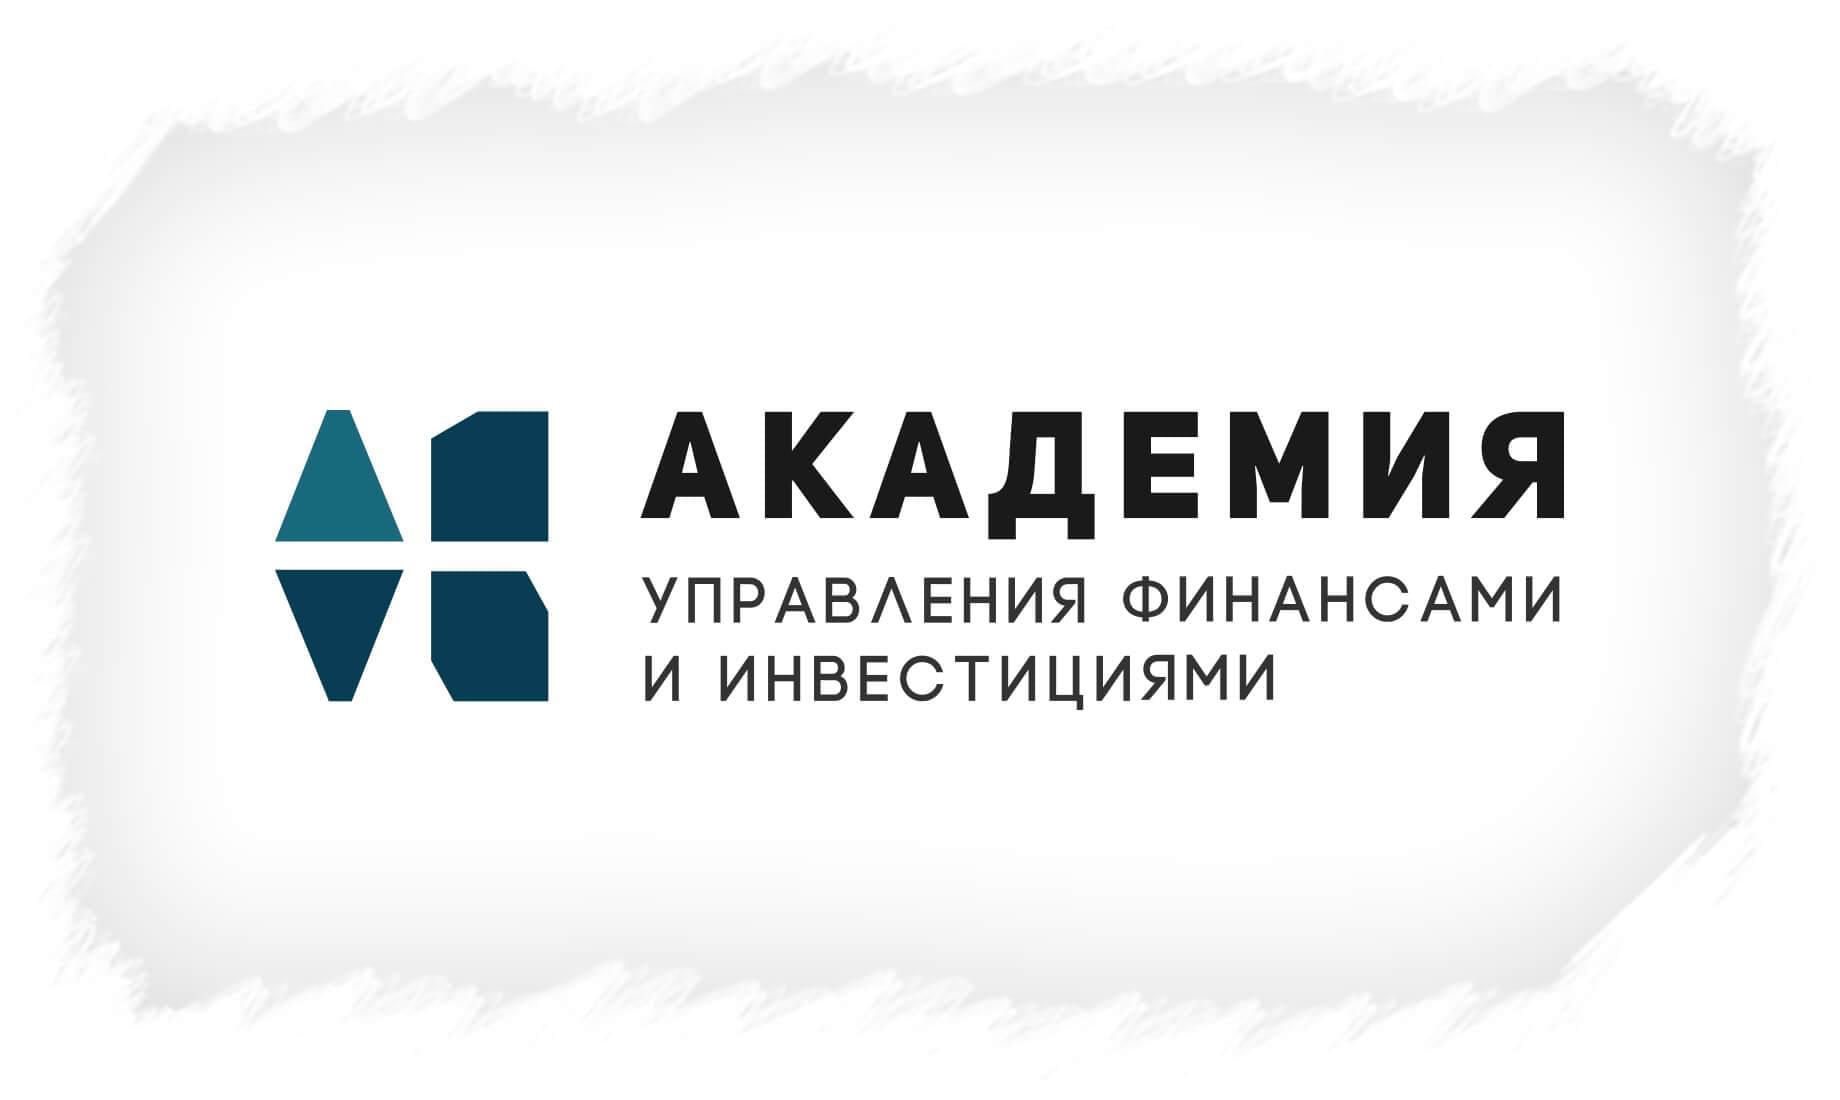 Akademiya